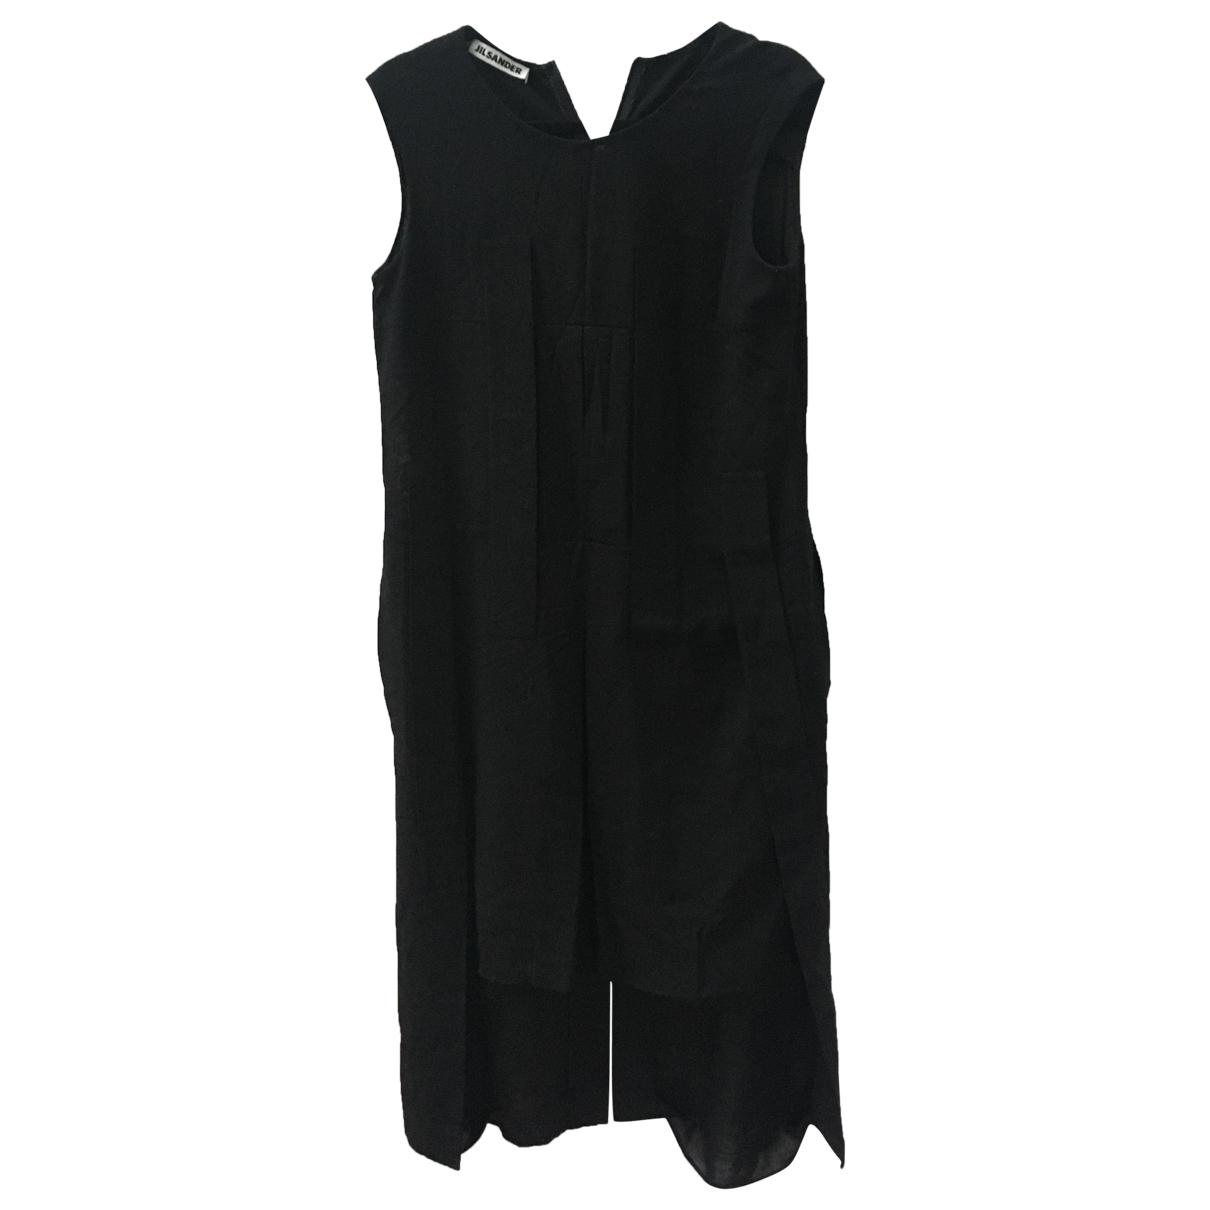 Jil Sander \N Kleid in  Schwarz Wolle